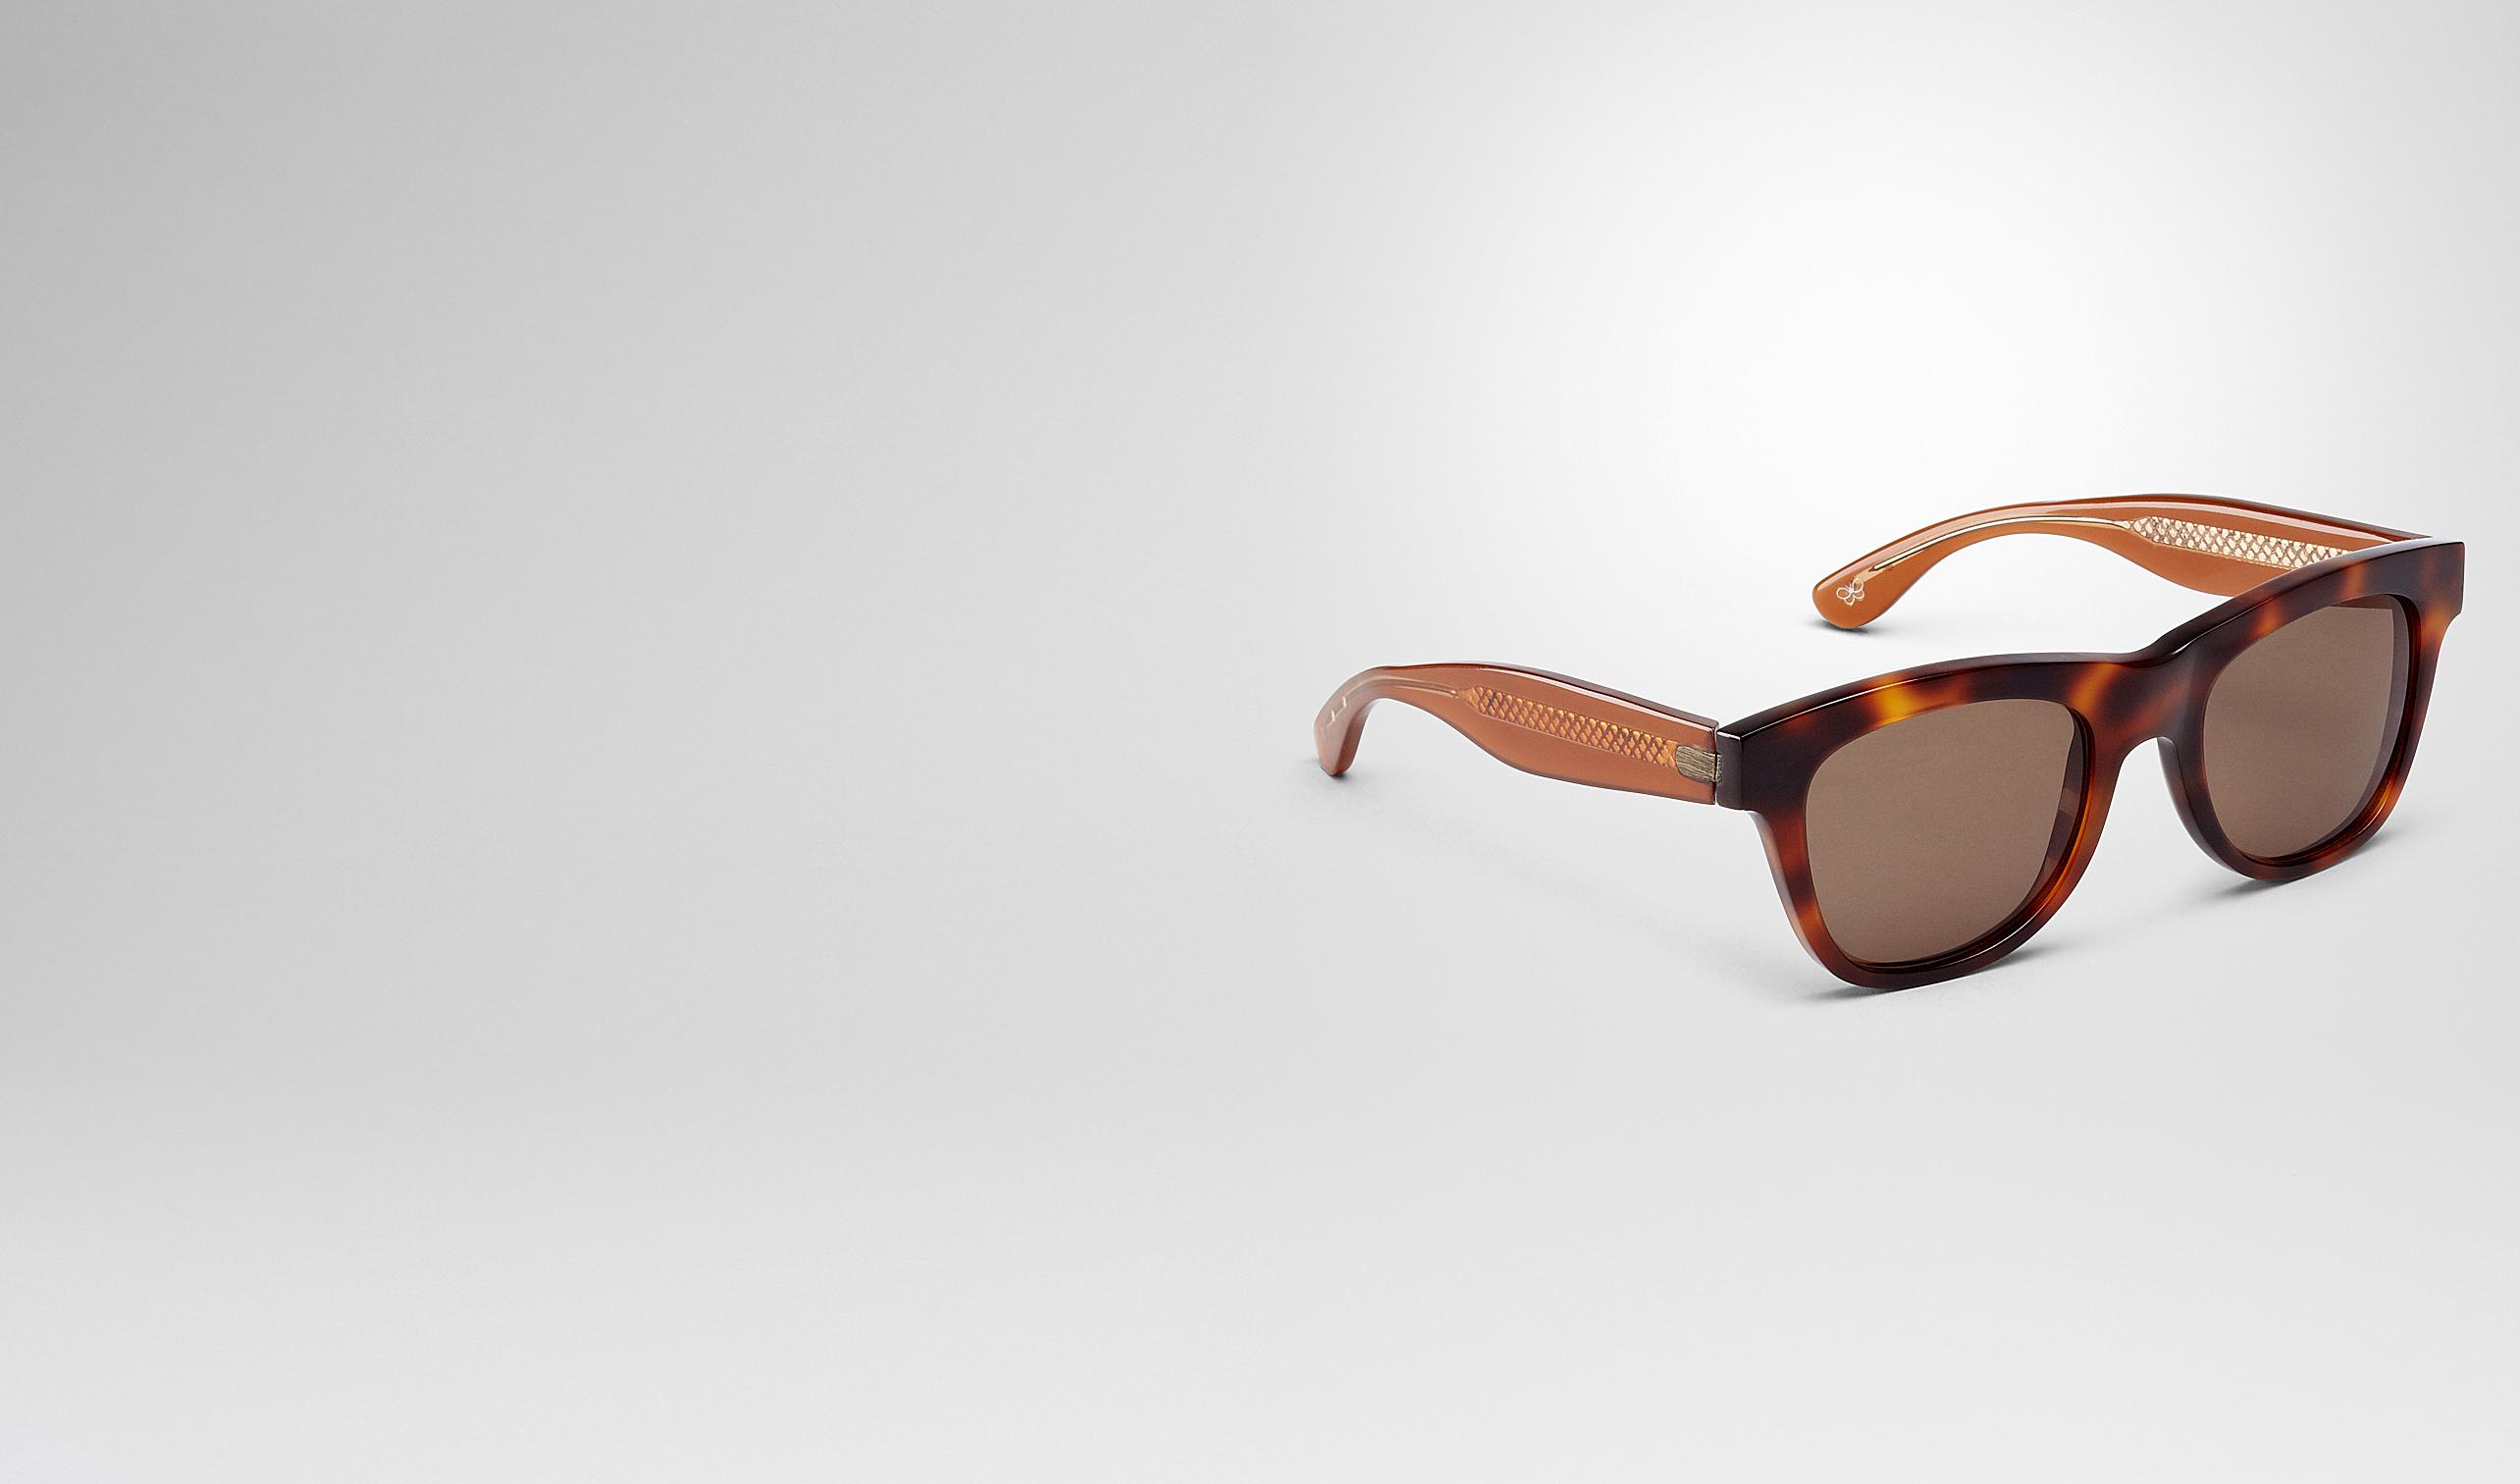 BOTTEGA VENETA Sonnenbrille E Getönte Sonnenbrille aus Azetat BV 248 Havana Brown pl